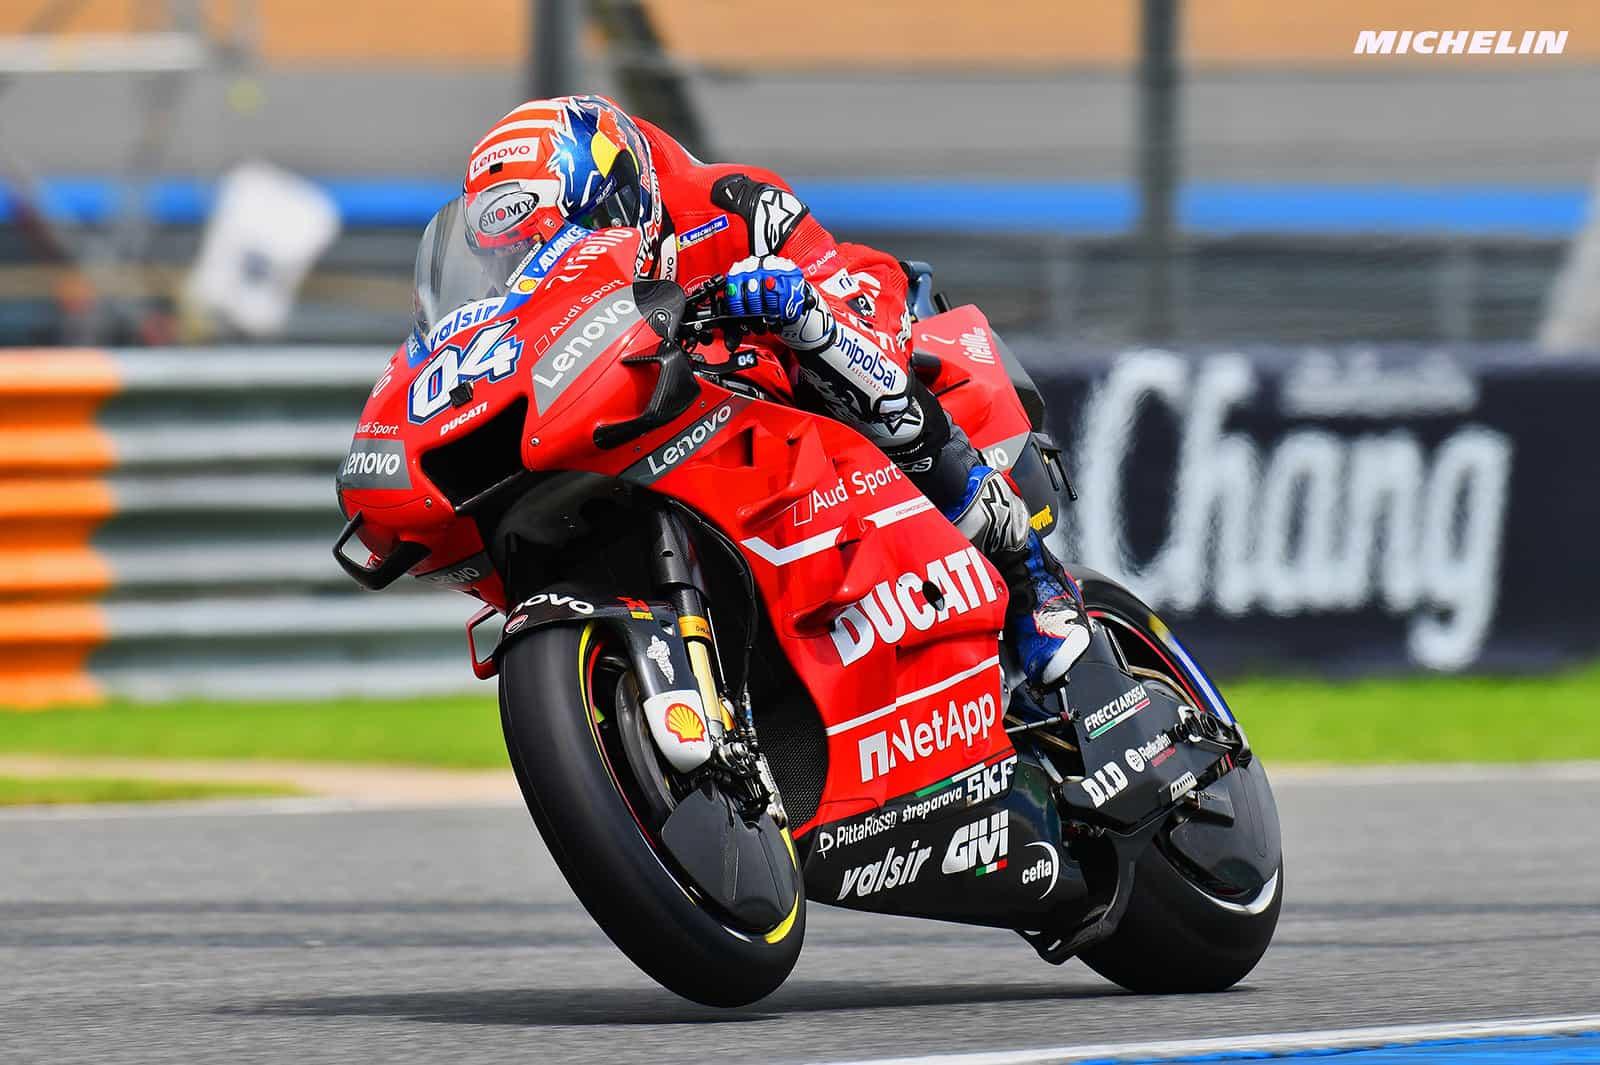 MotoGP2019タイGP FP2 8位ドヴィツィオーゾ「暑さもあって体力面で消耗している」